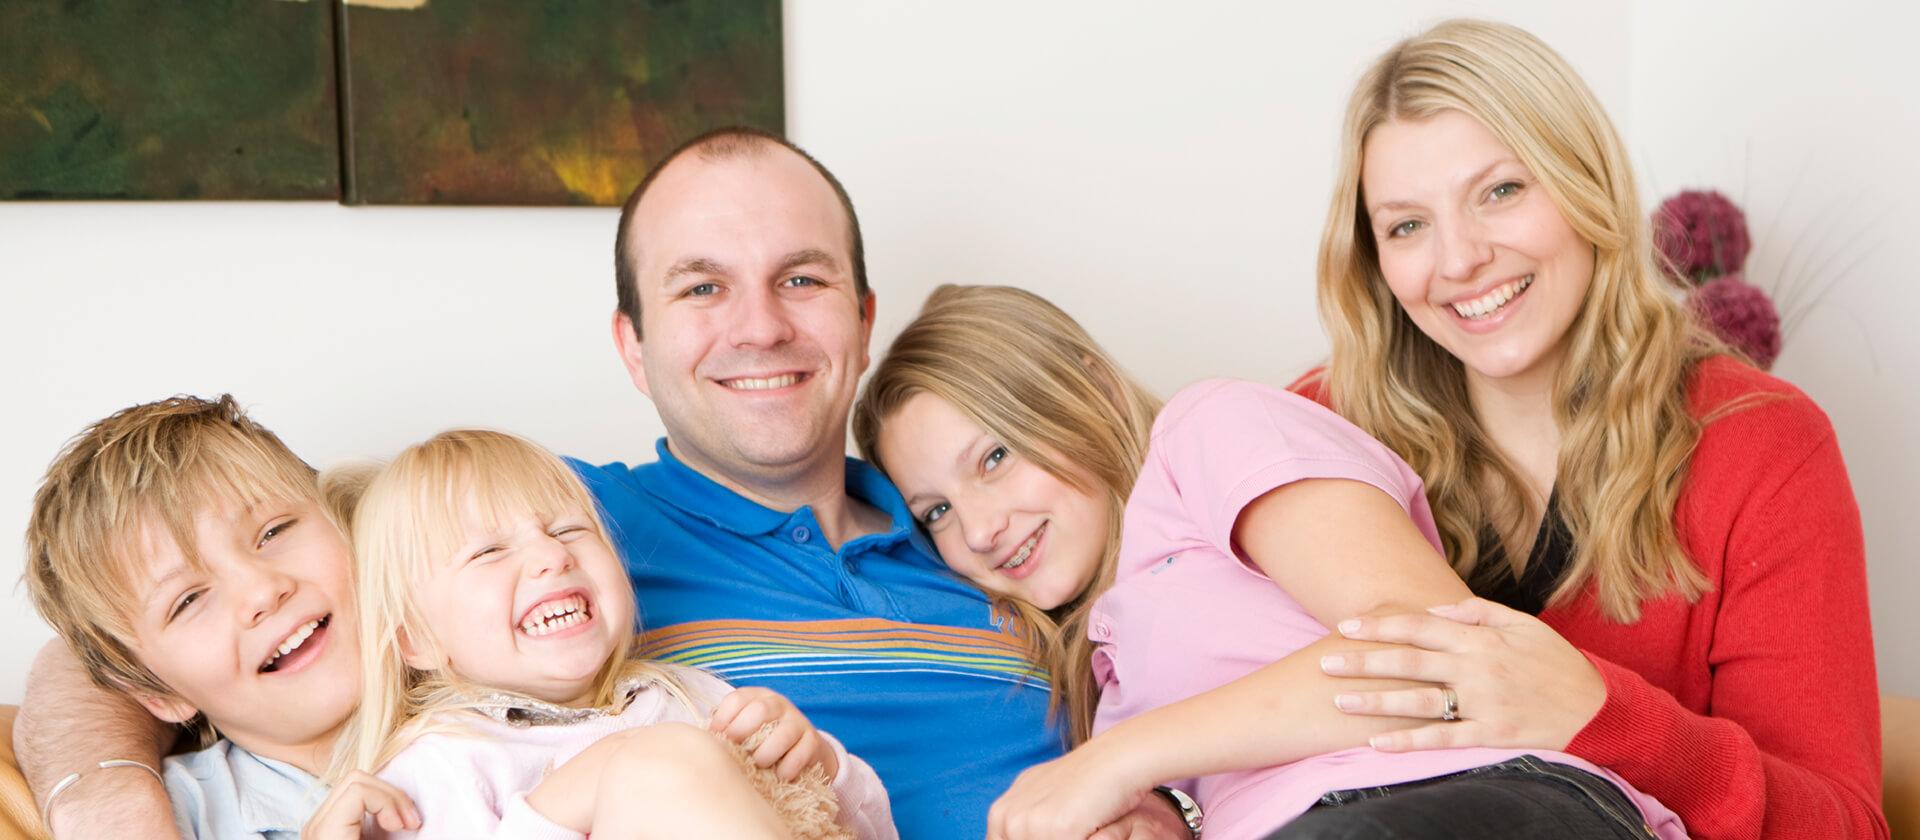 FAMILY & CHILDREN CARE